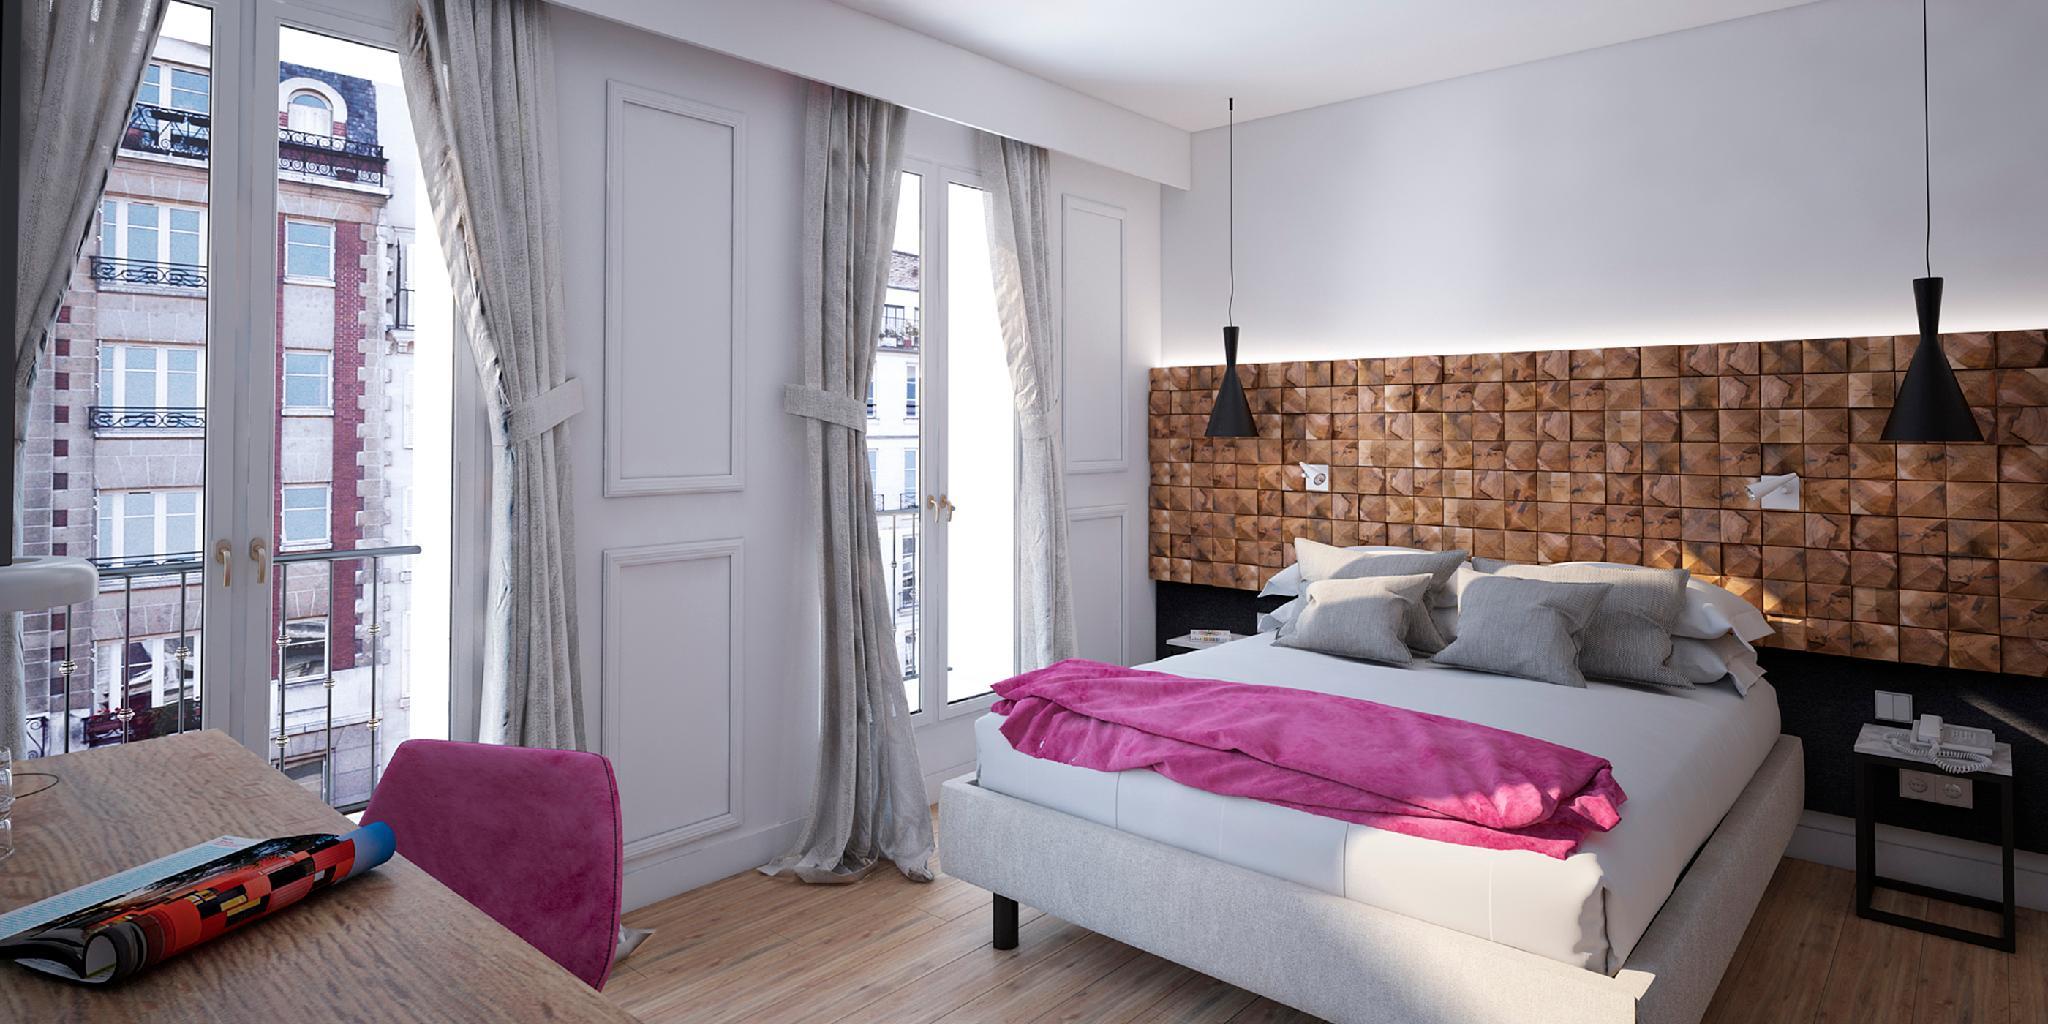 Hotel Beausejour In Paris - Room Deals, Photos & Reviews intérieur Sang Seché Jardin